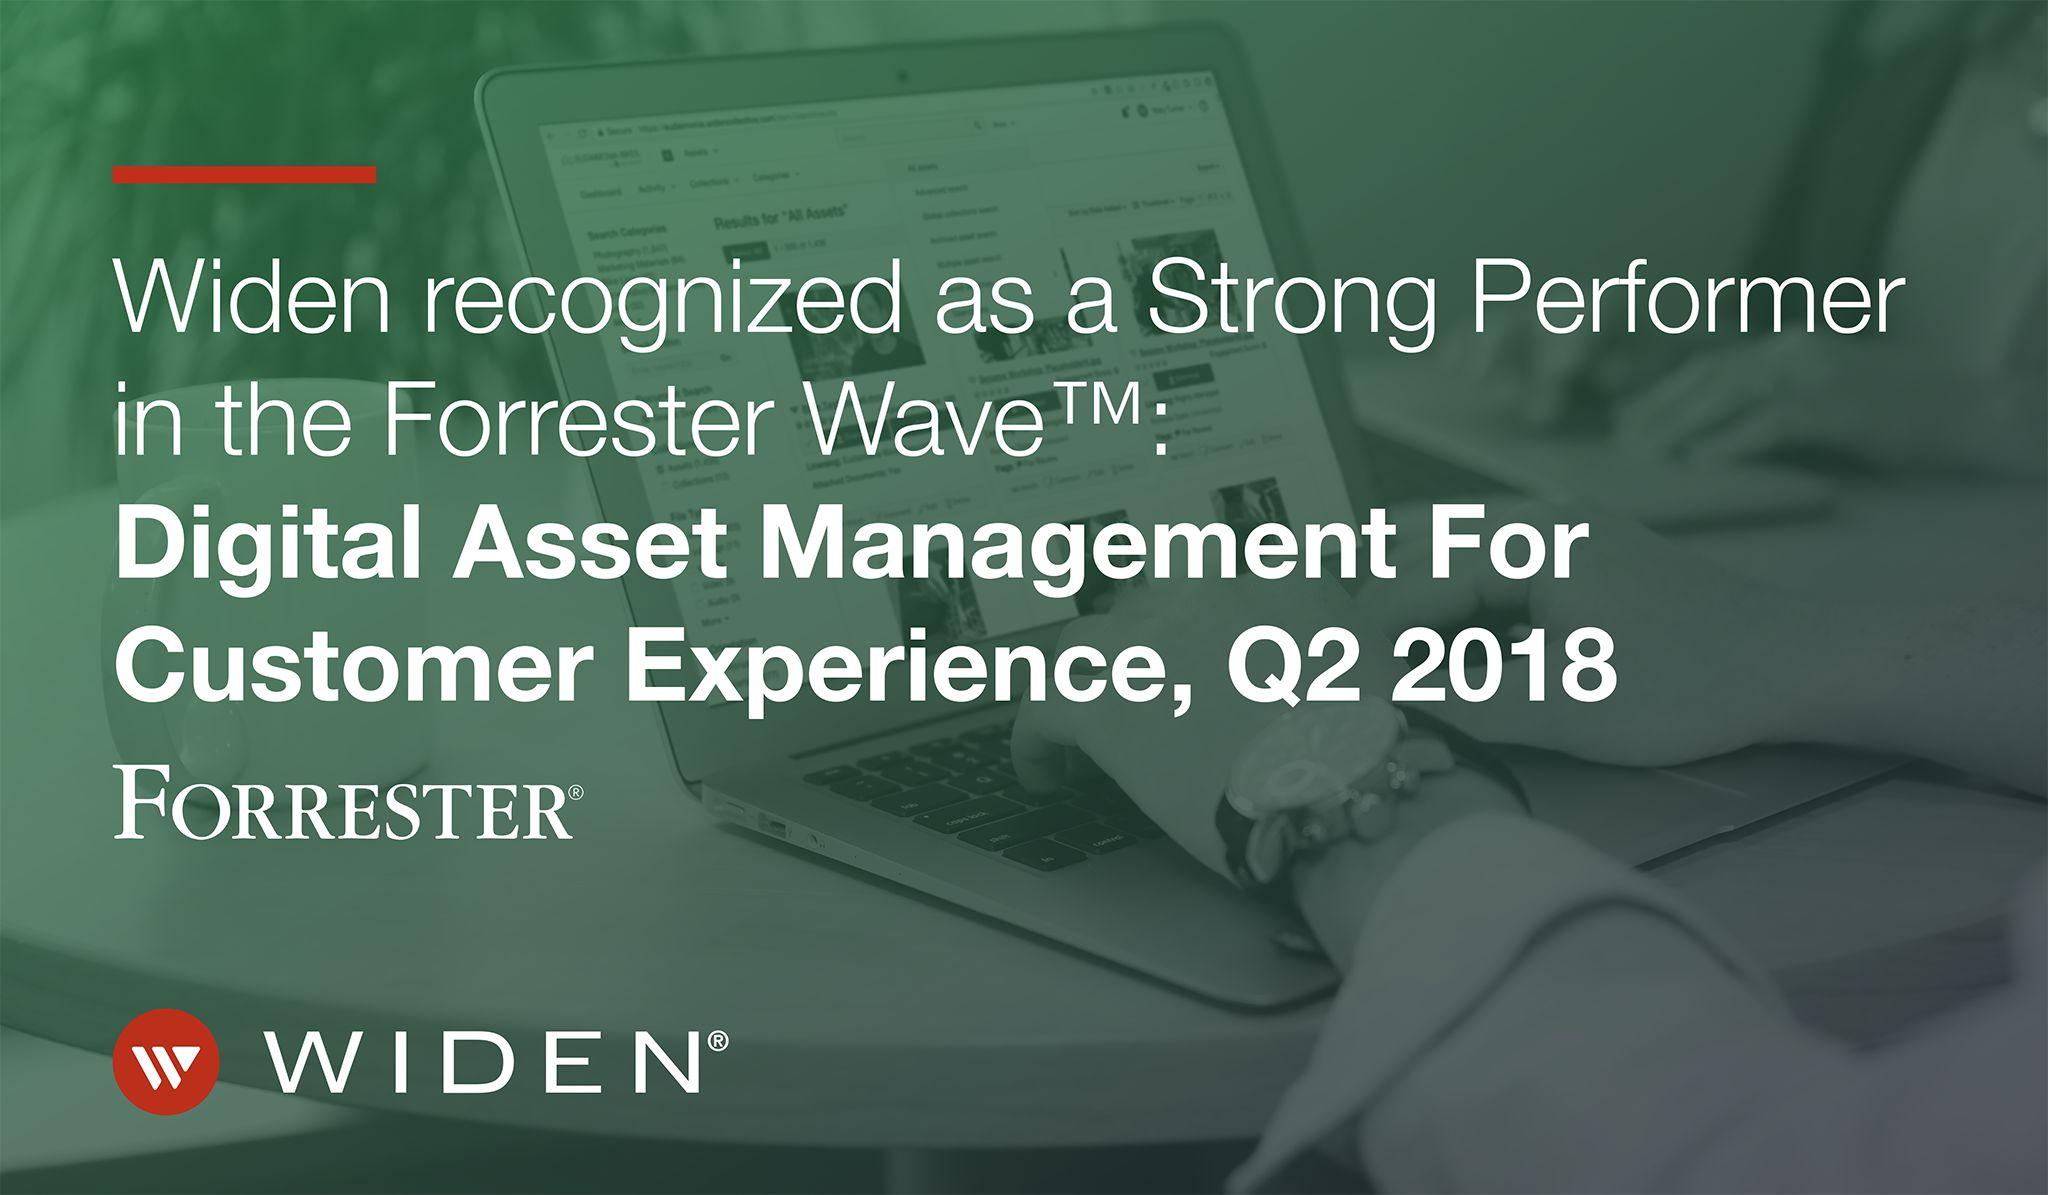 Forrester-Wave-2018-results-email-banner